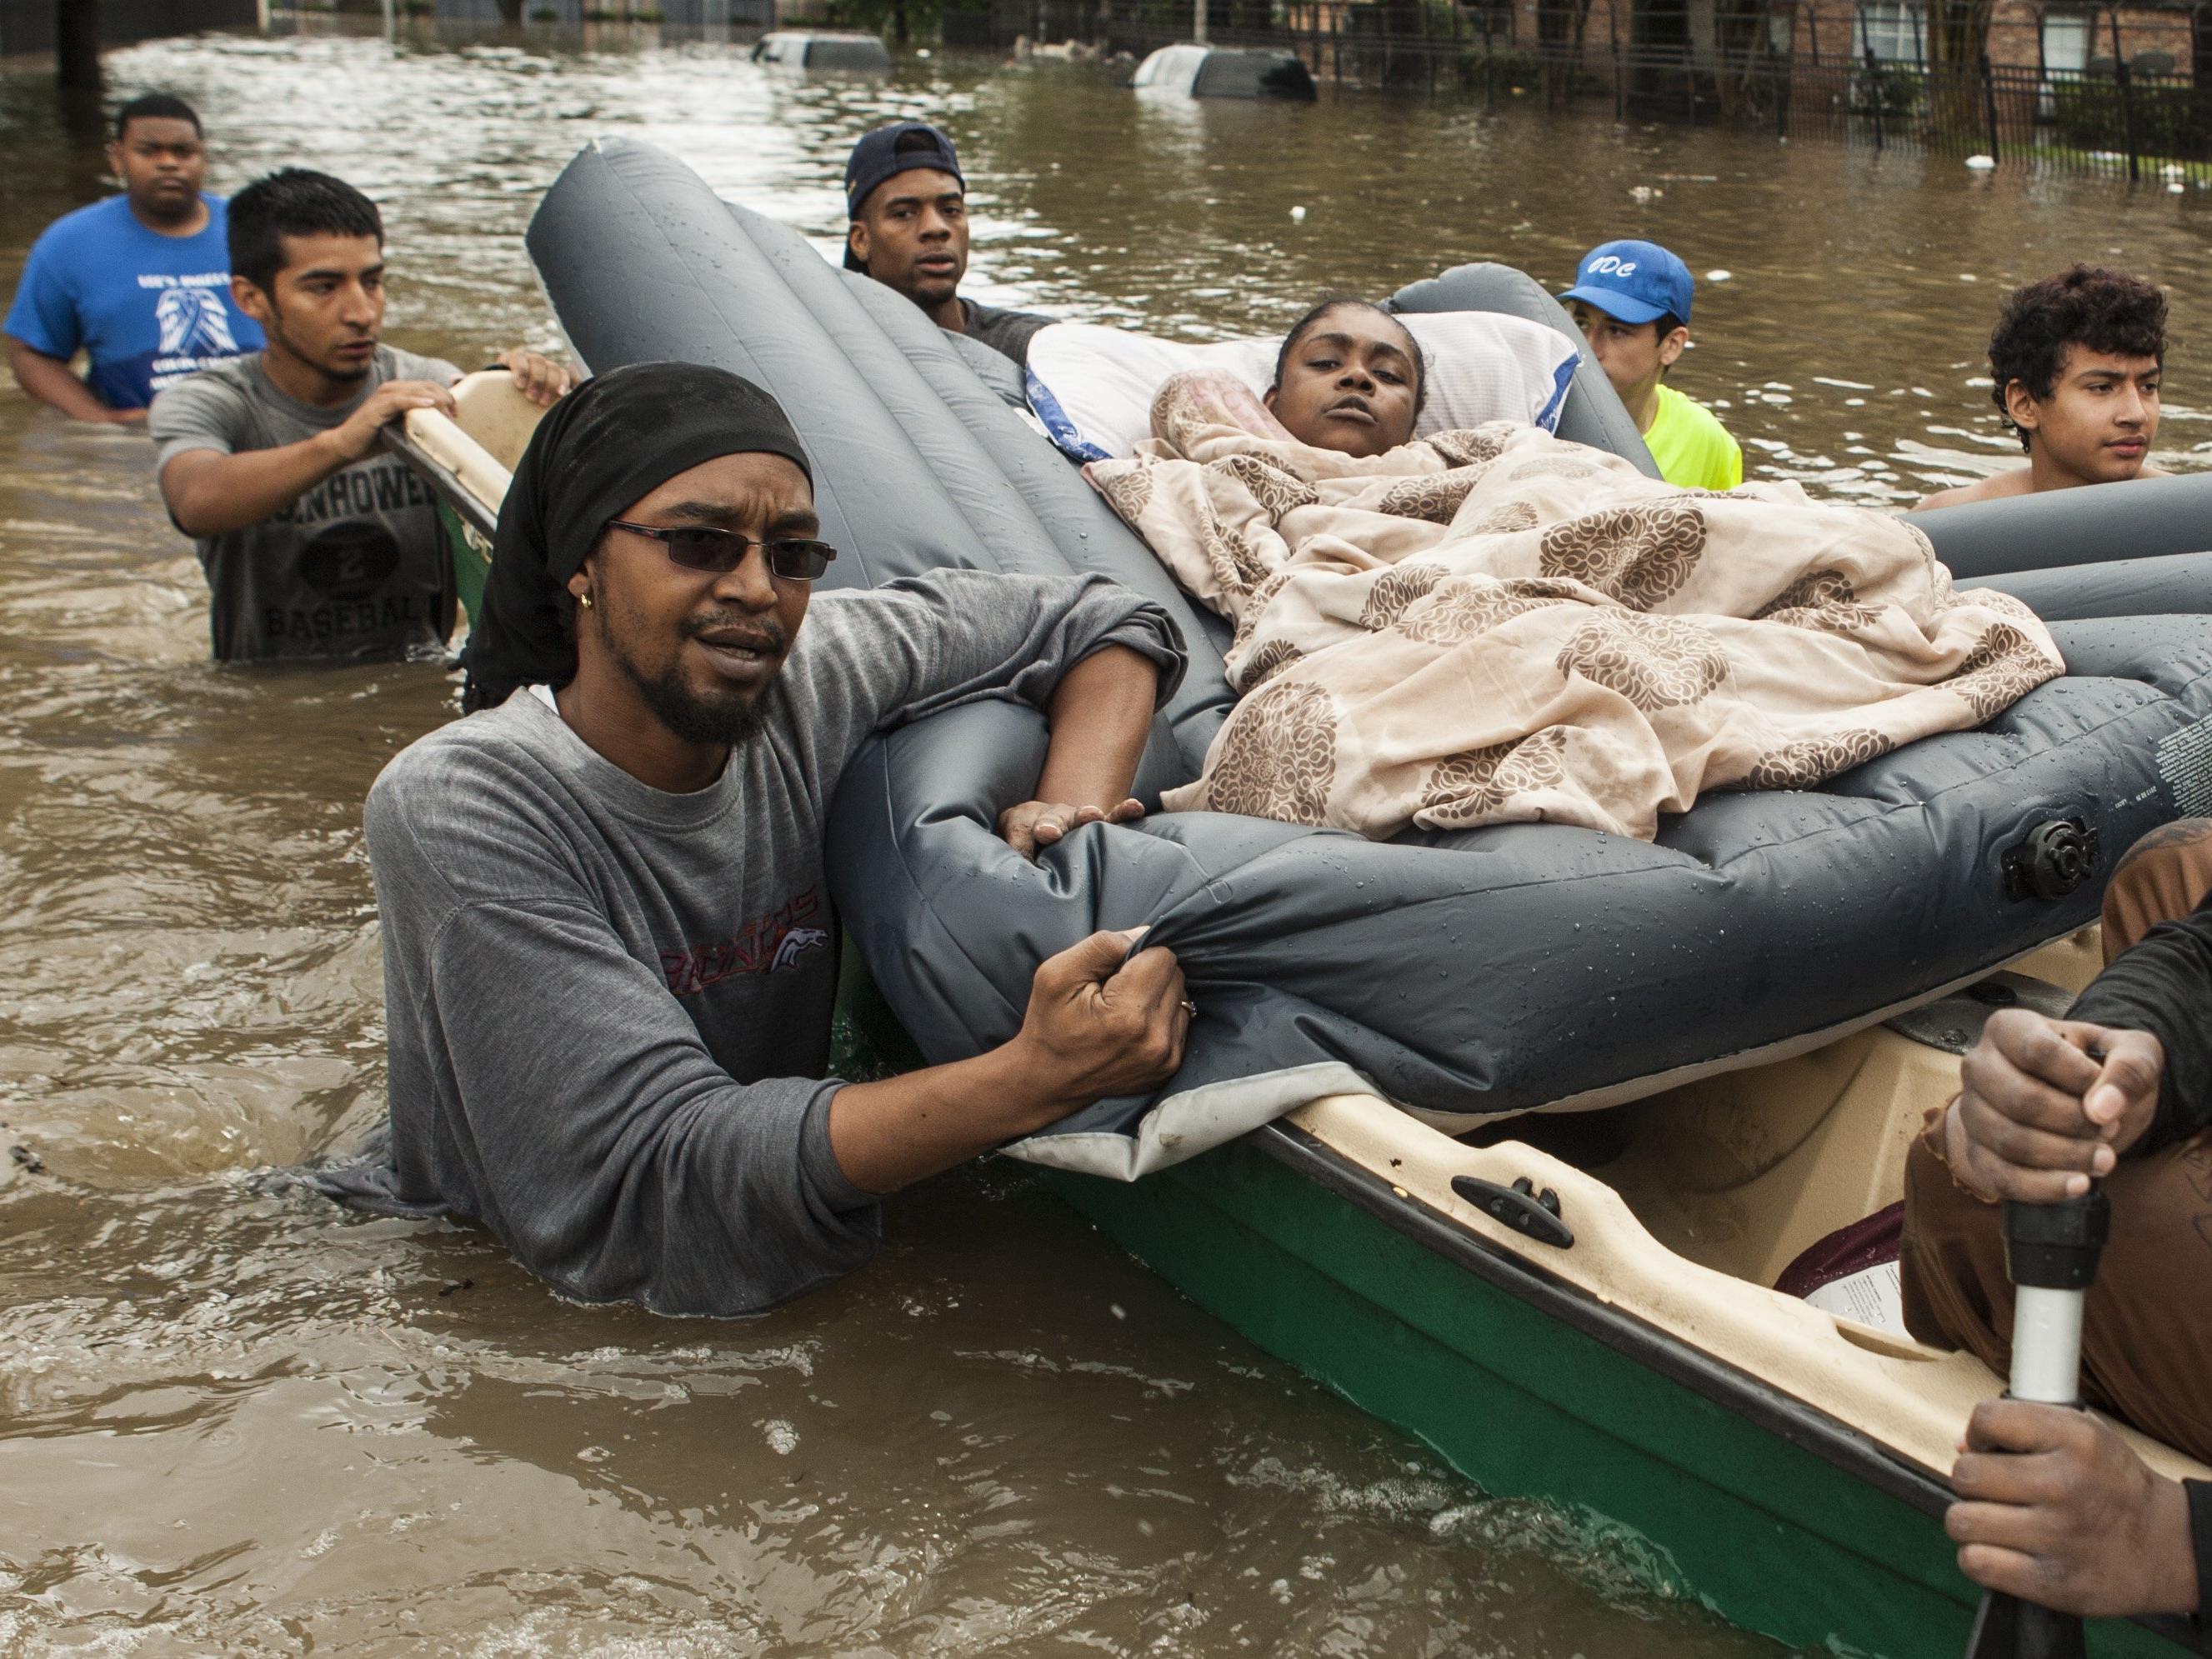 Eine Überschwemmung in Texas sorgte für Tote und Verletzte.